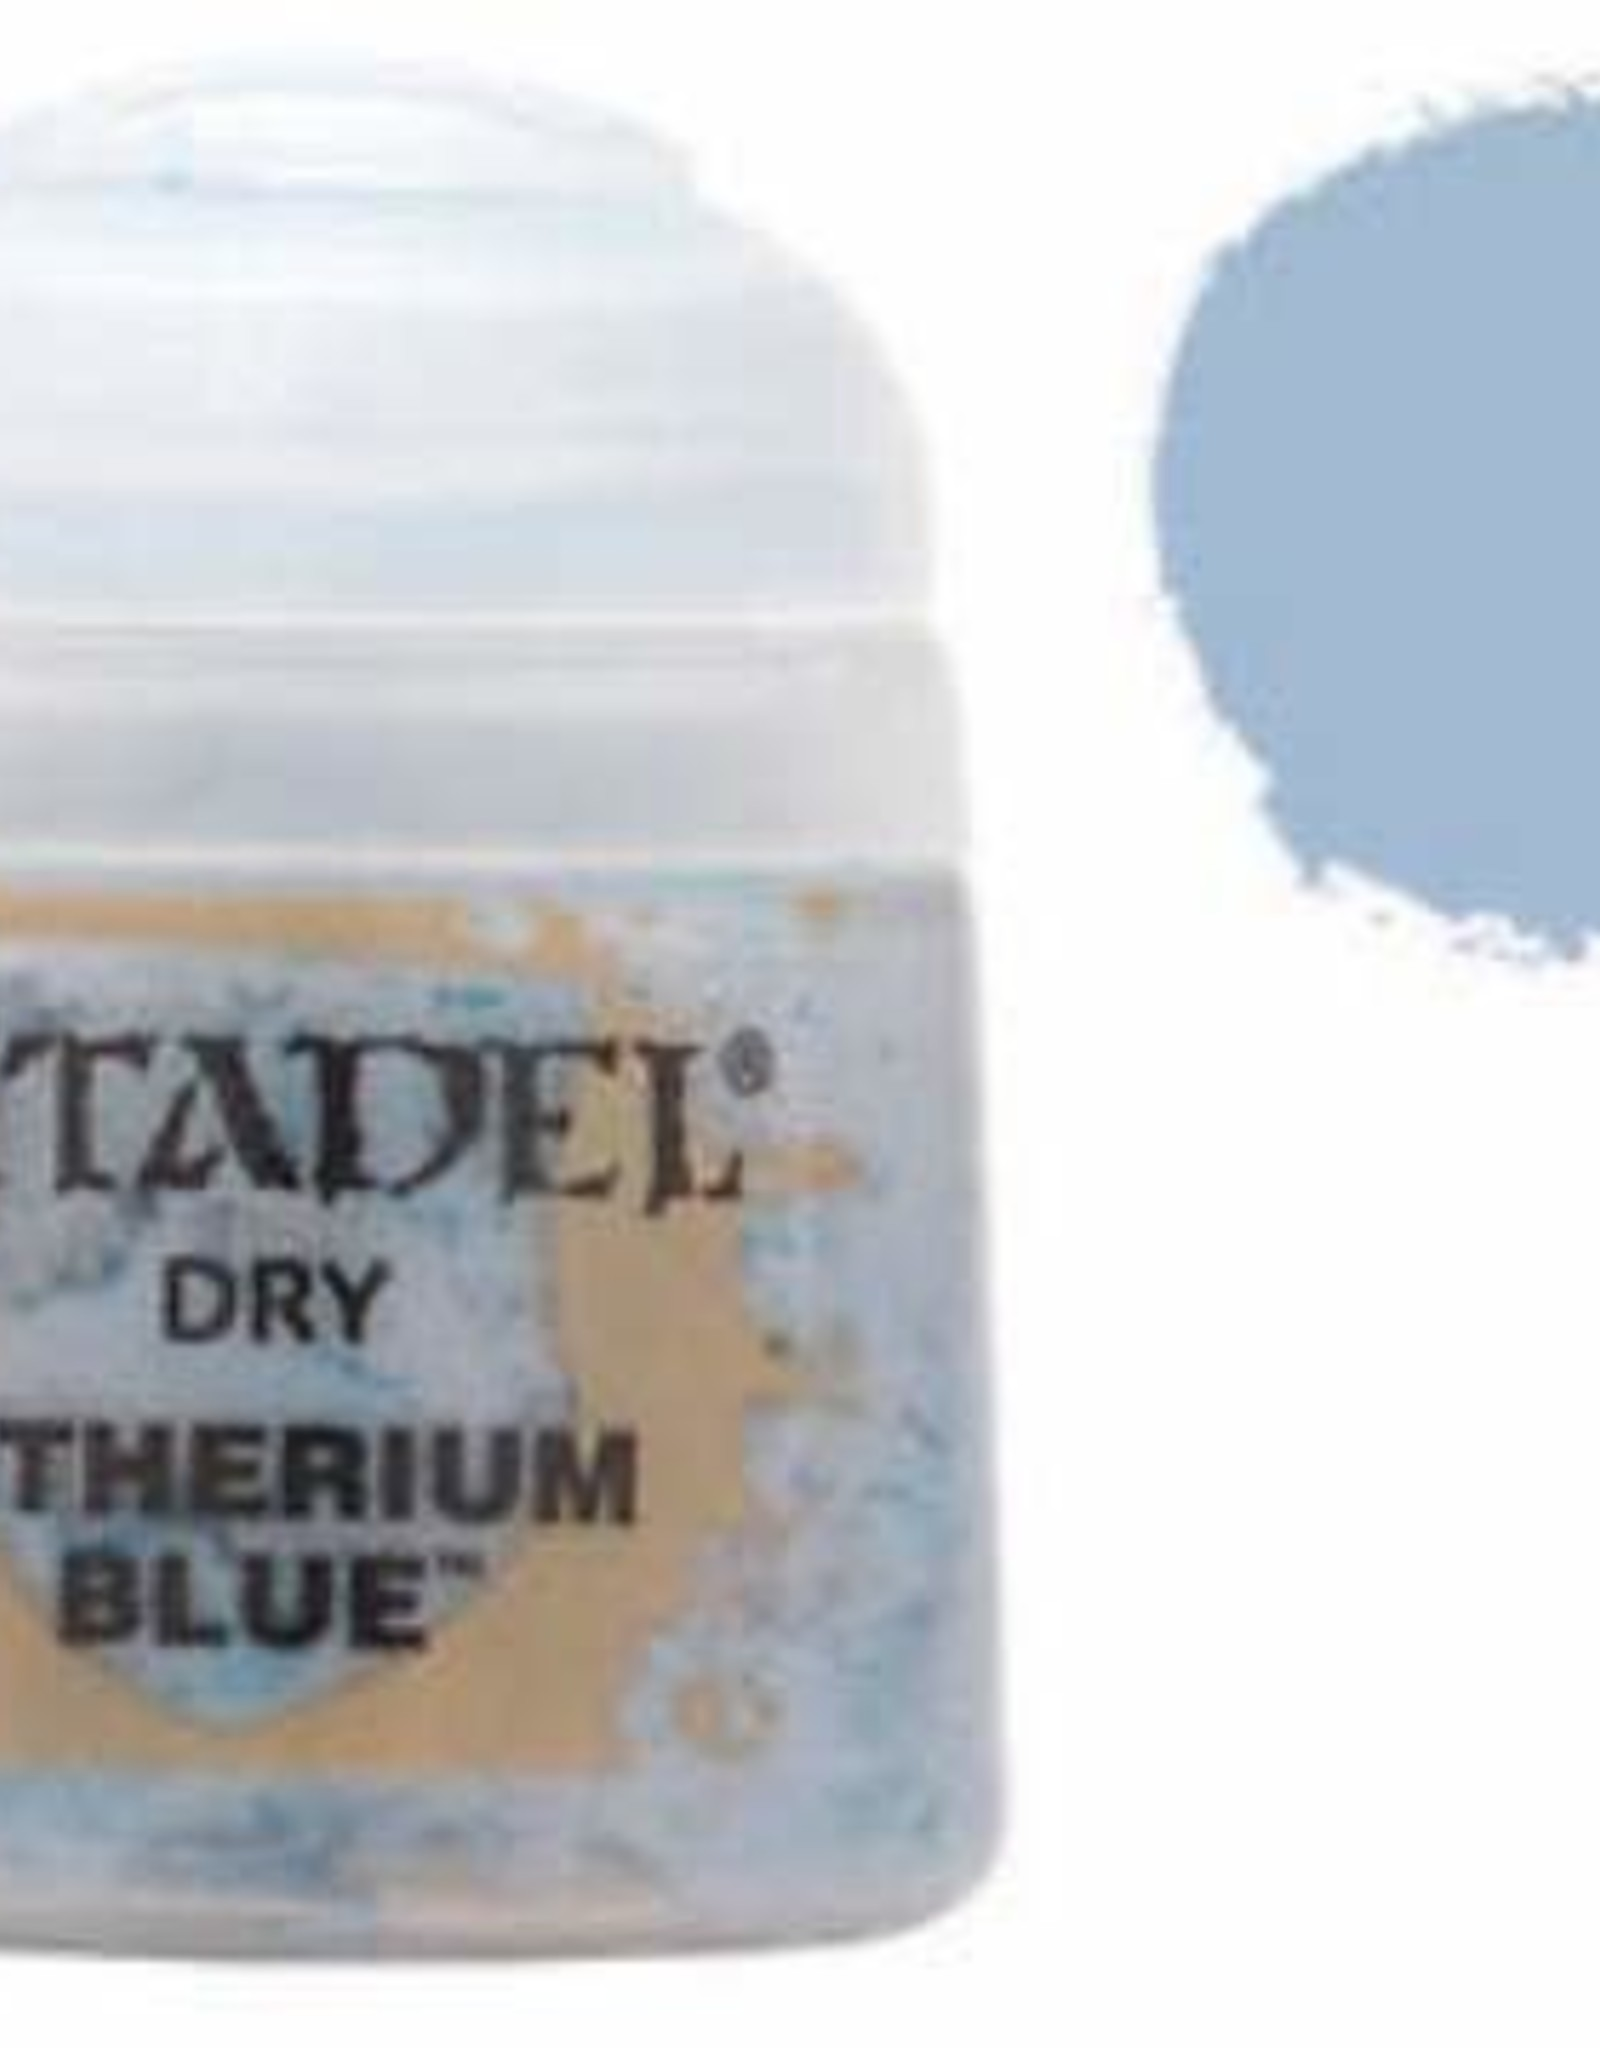 Games Workshop Citadel Paint: Dry - Etherium Blue